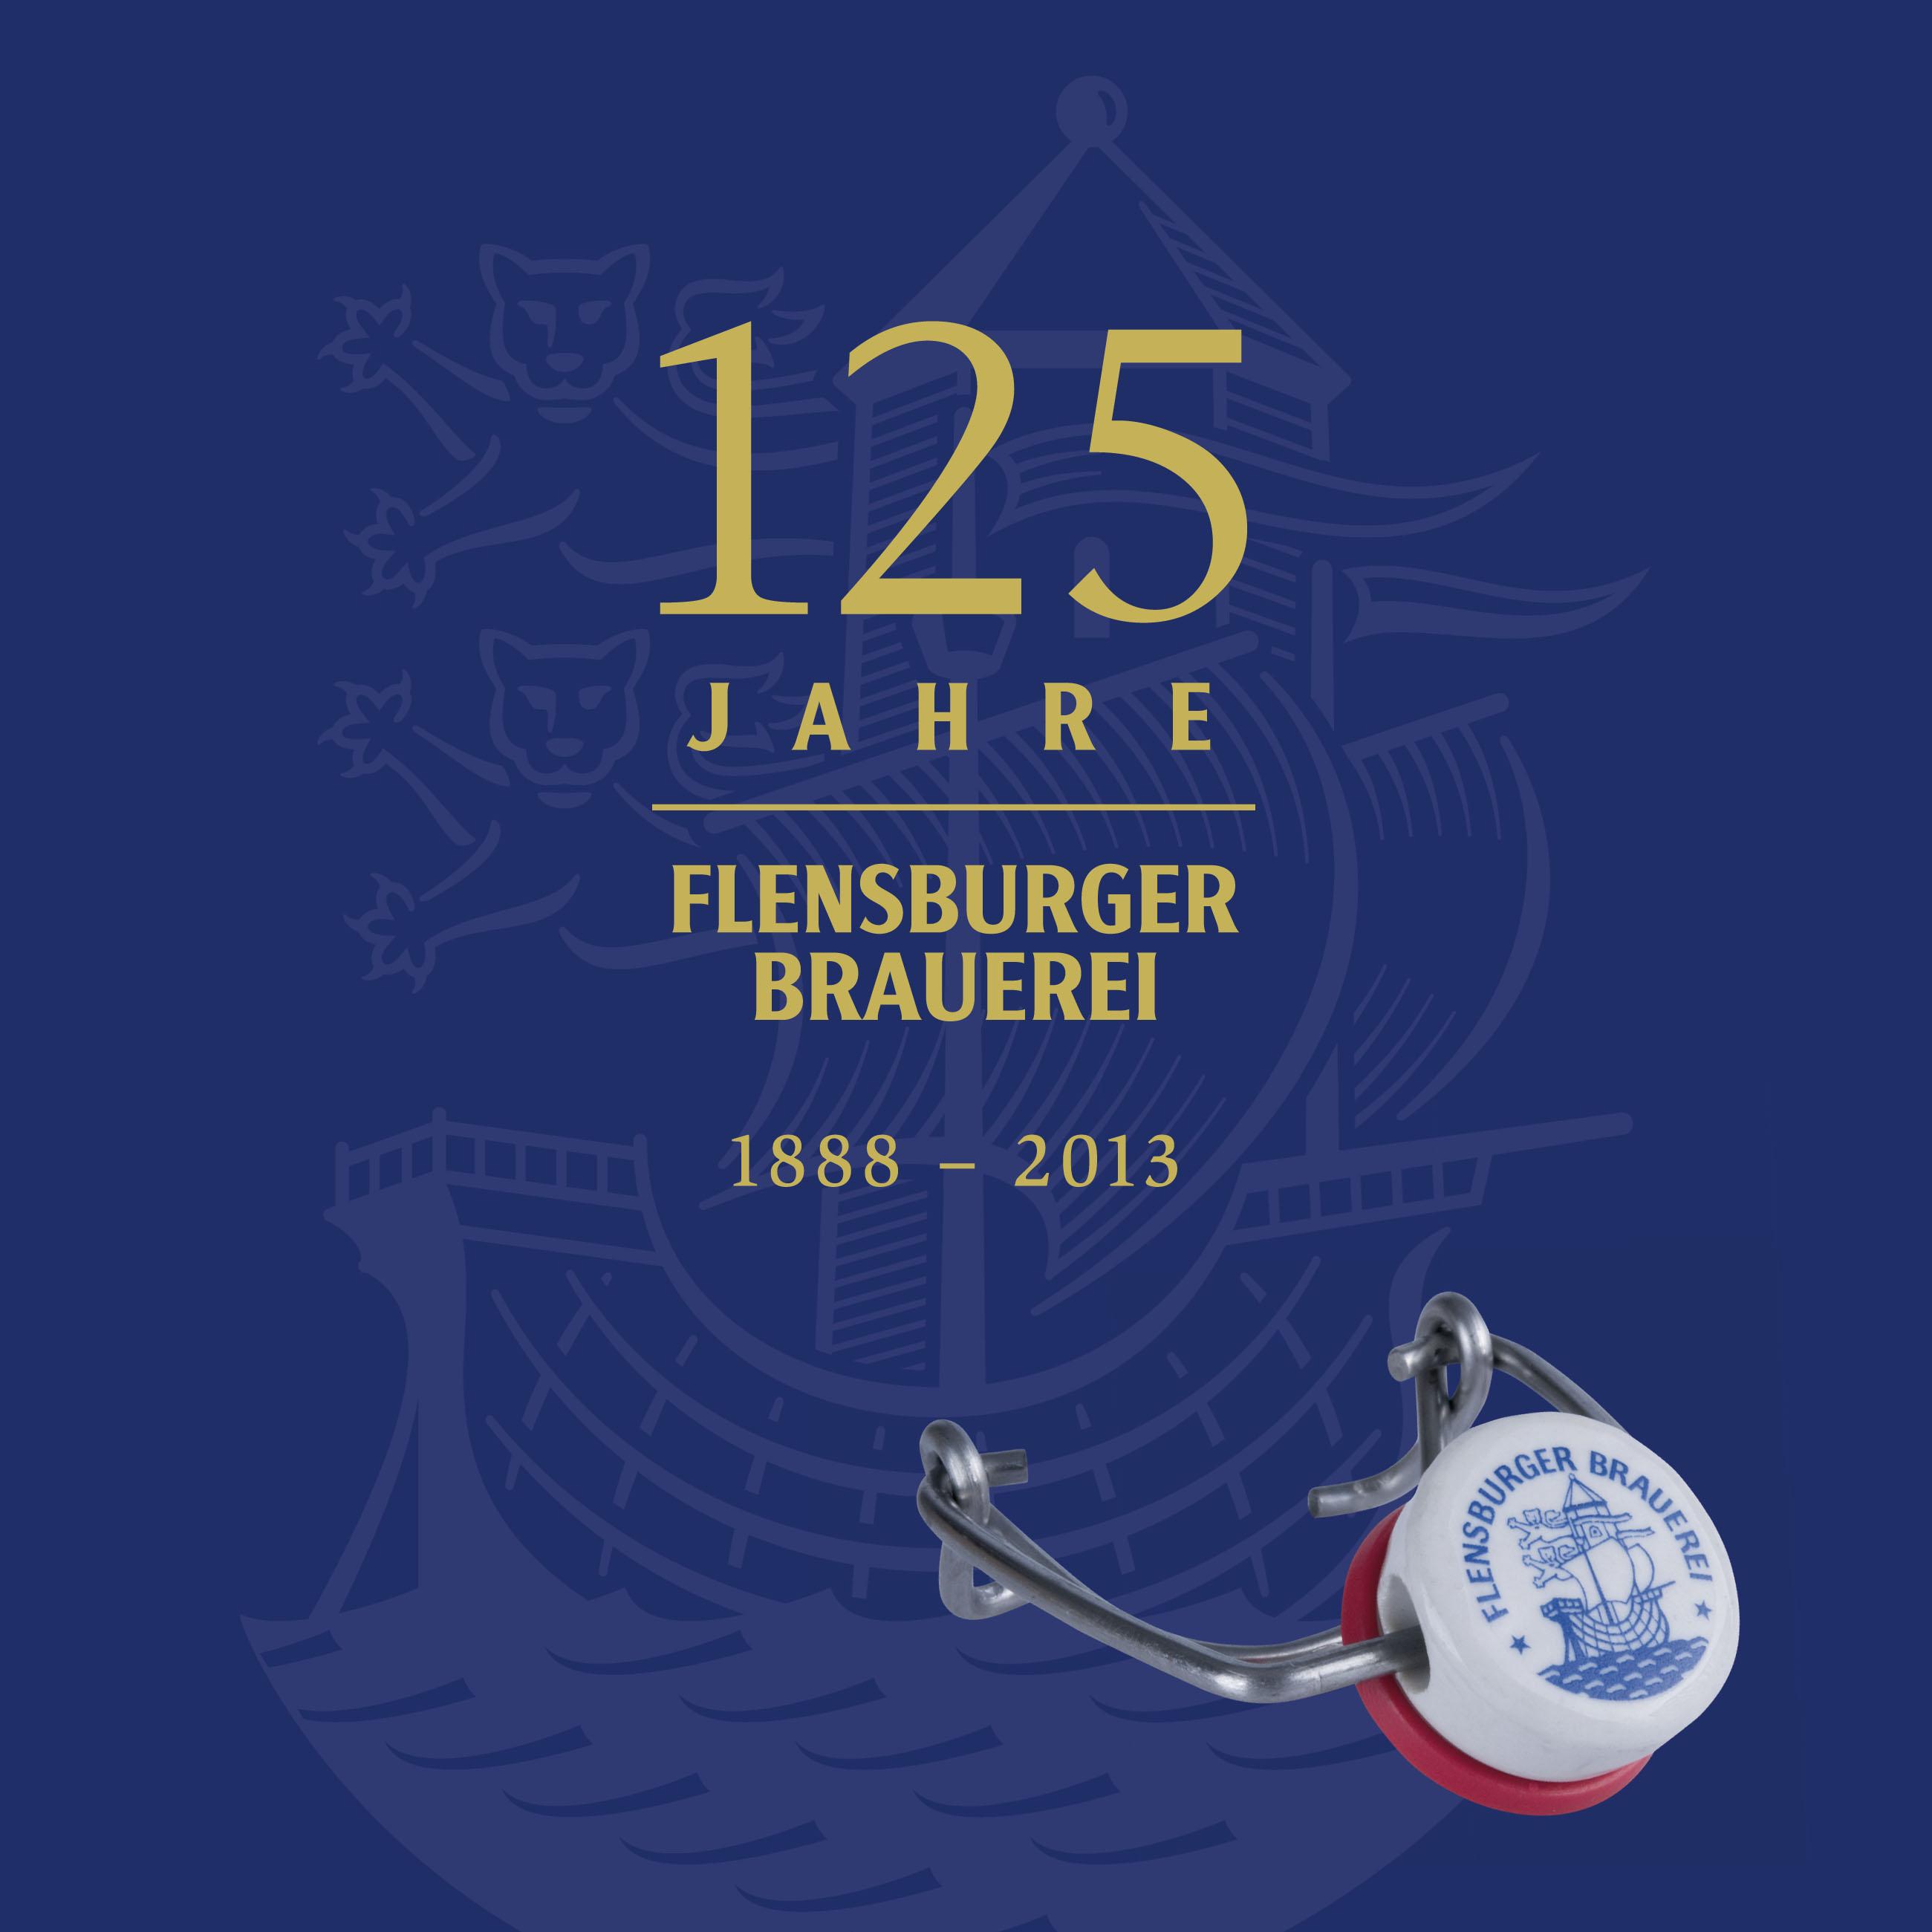 125 Jahre Flensburger Brauerei: Die Geschichte ...